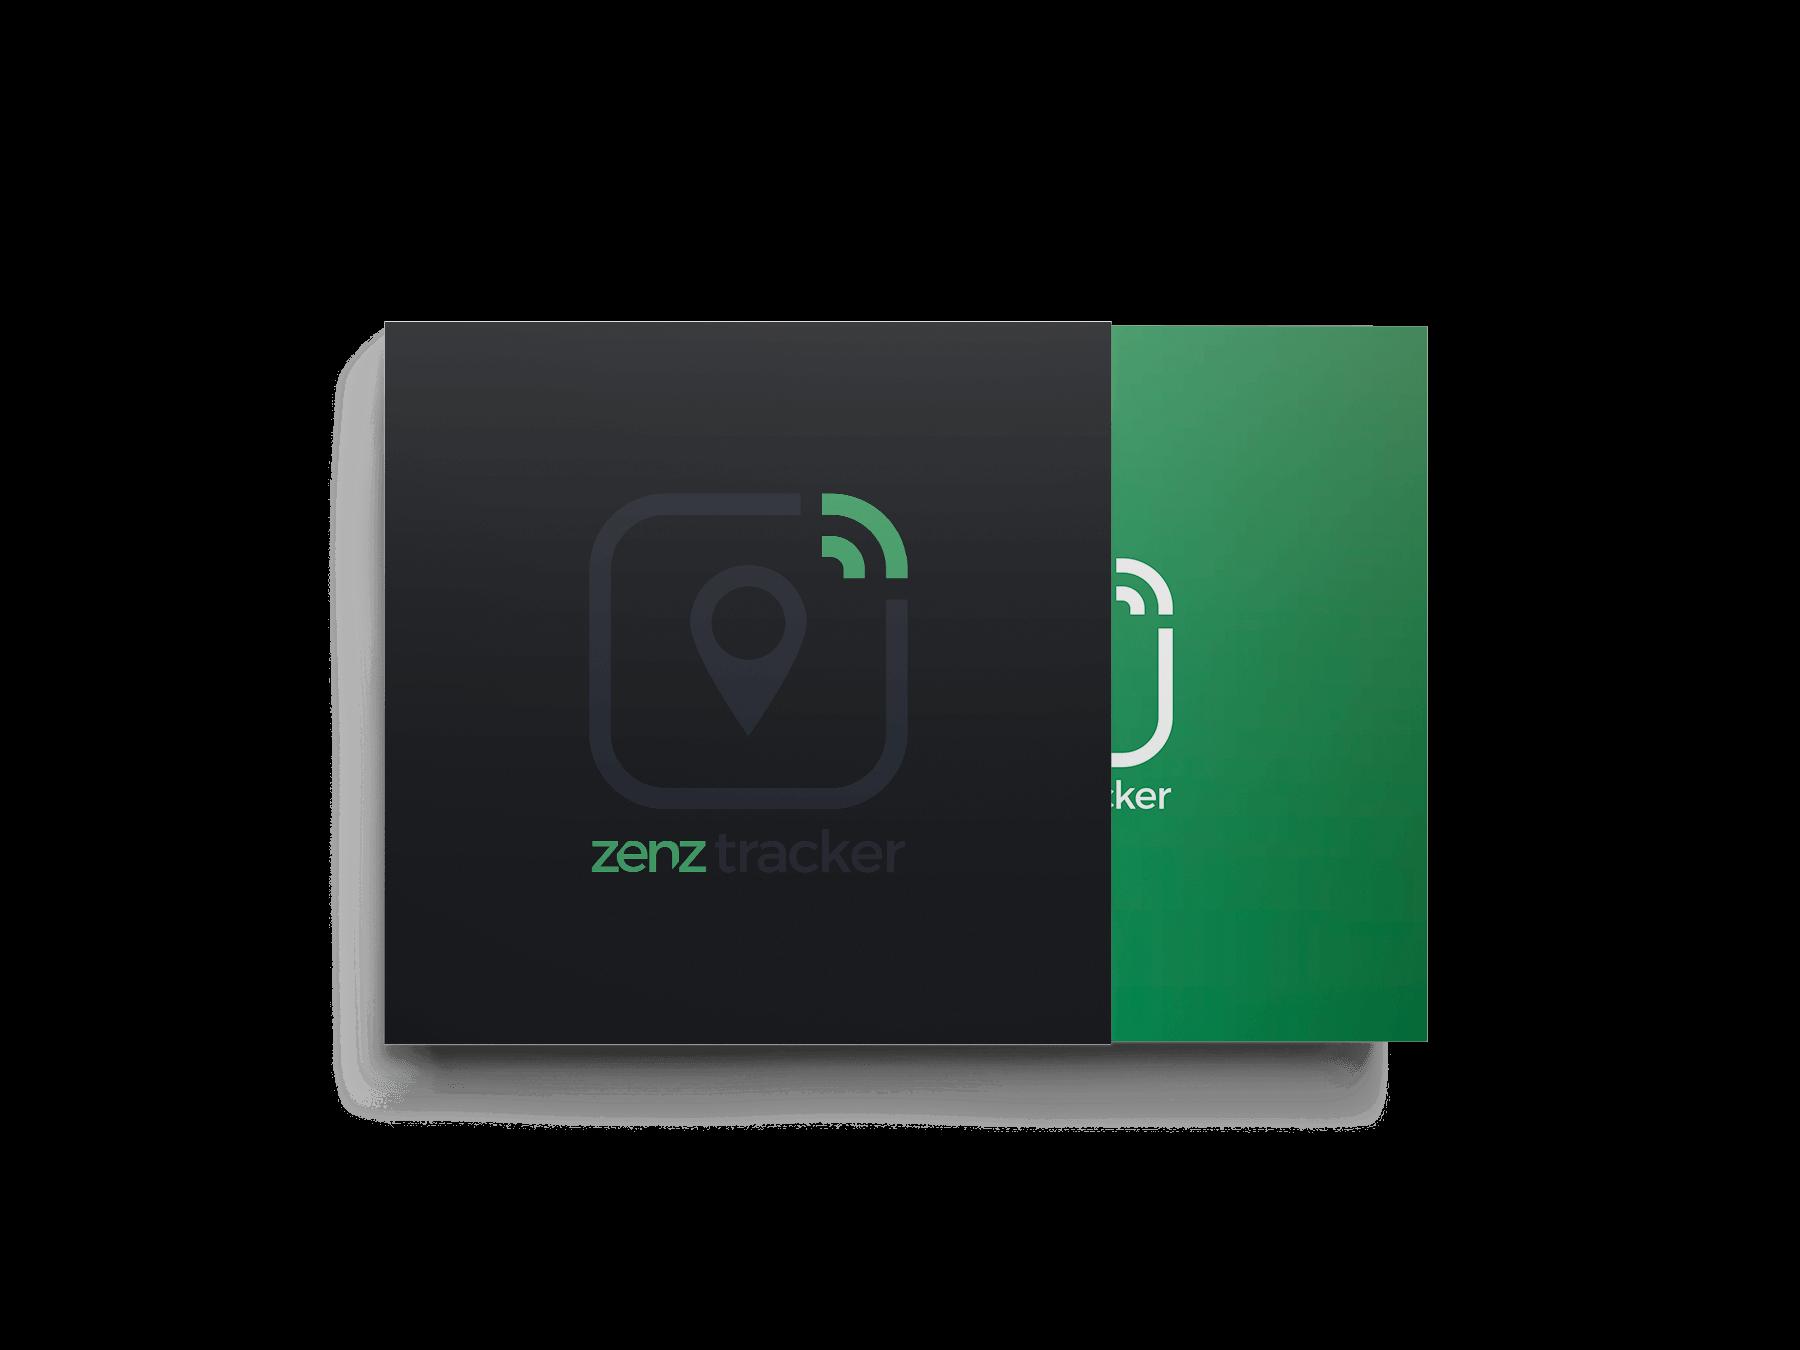 Packaging mockup til Zenztracker